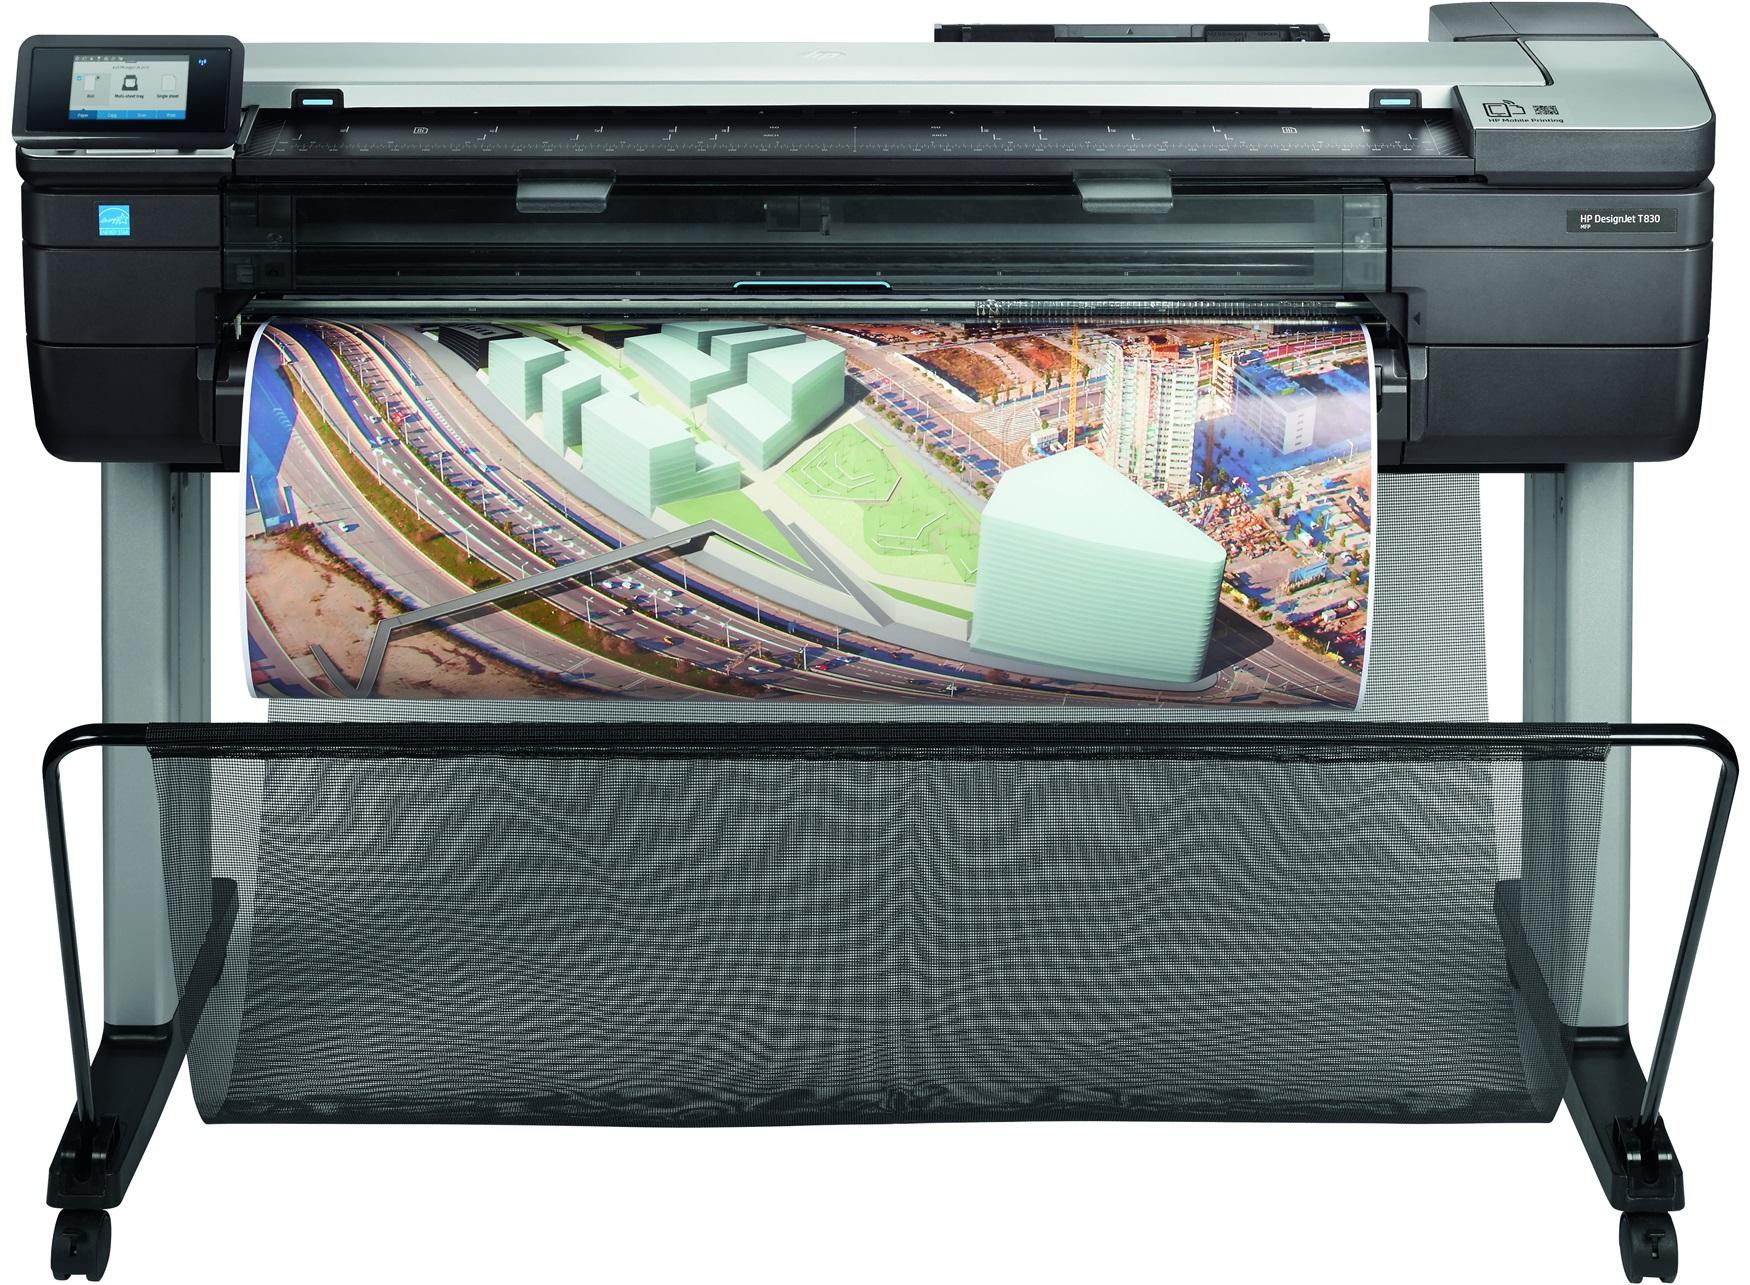 precio hp designjet t830 mfp